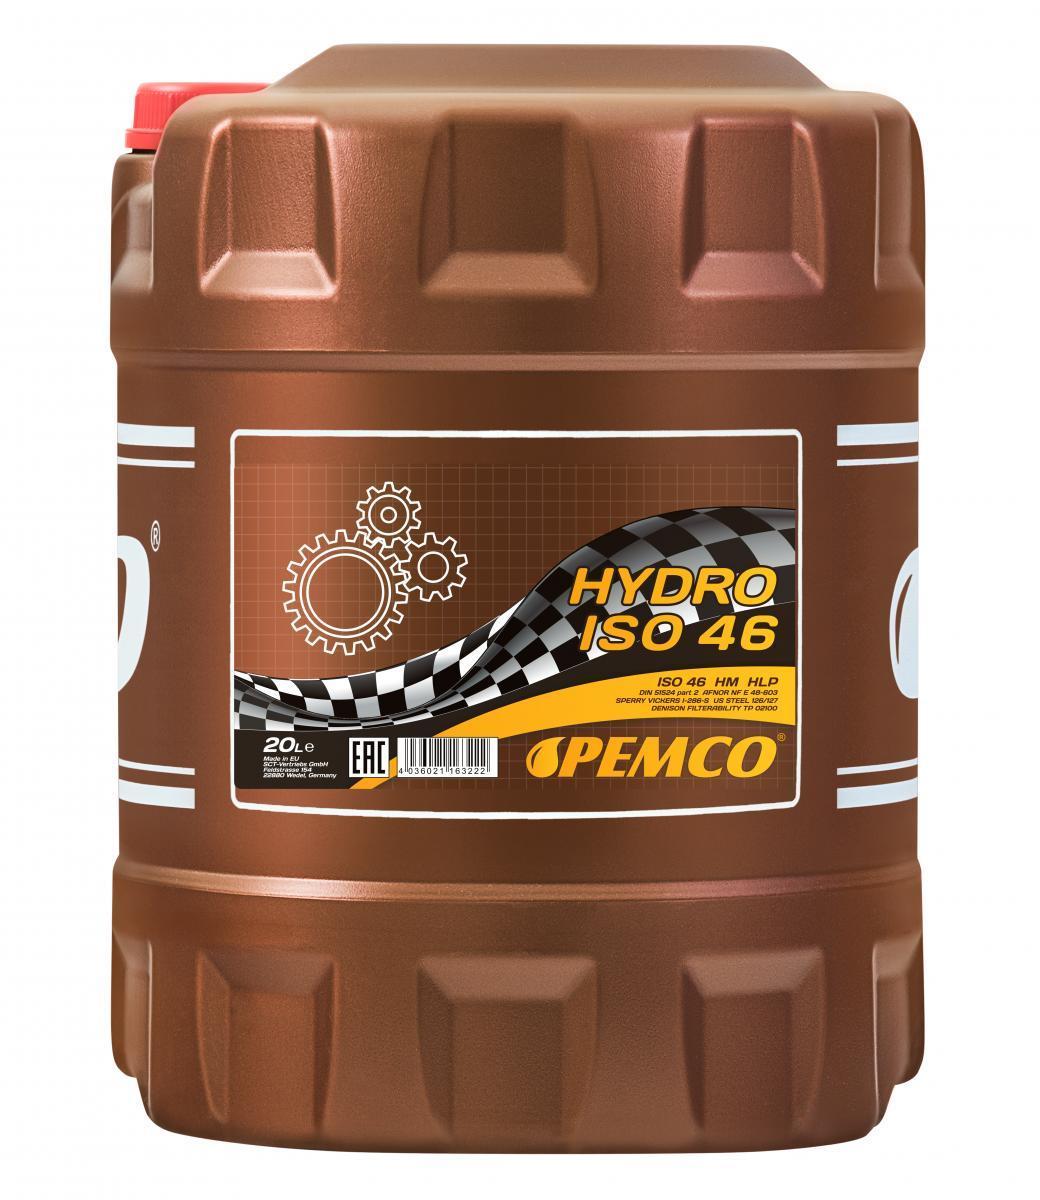 Koop PEMCO Hydraulische olie PM2102-20 vrachtwagen